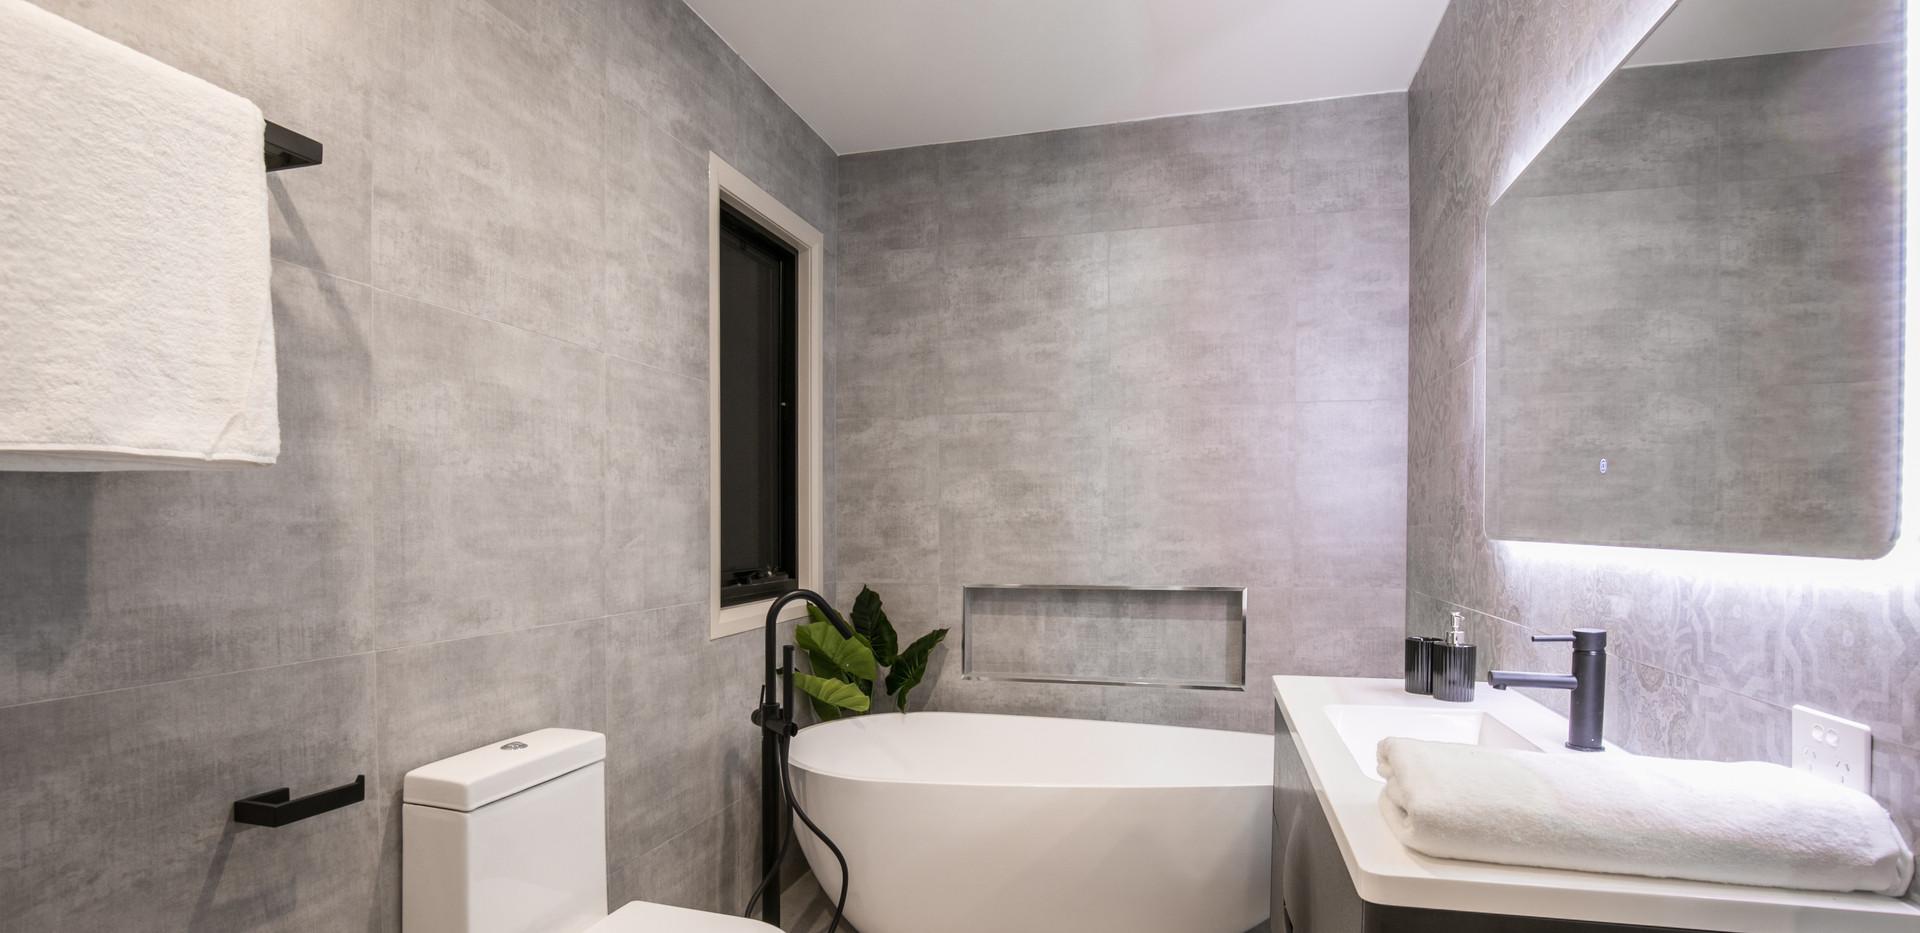 Finlayson Bathroom